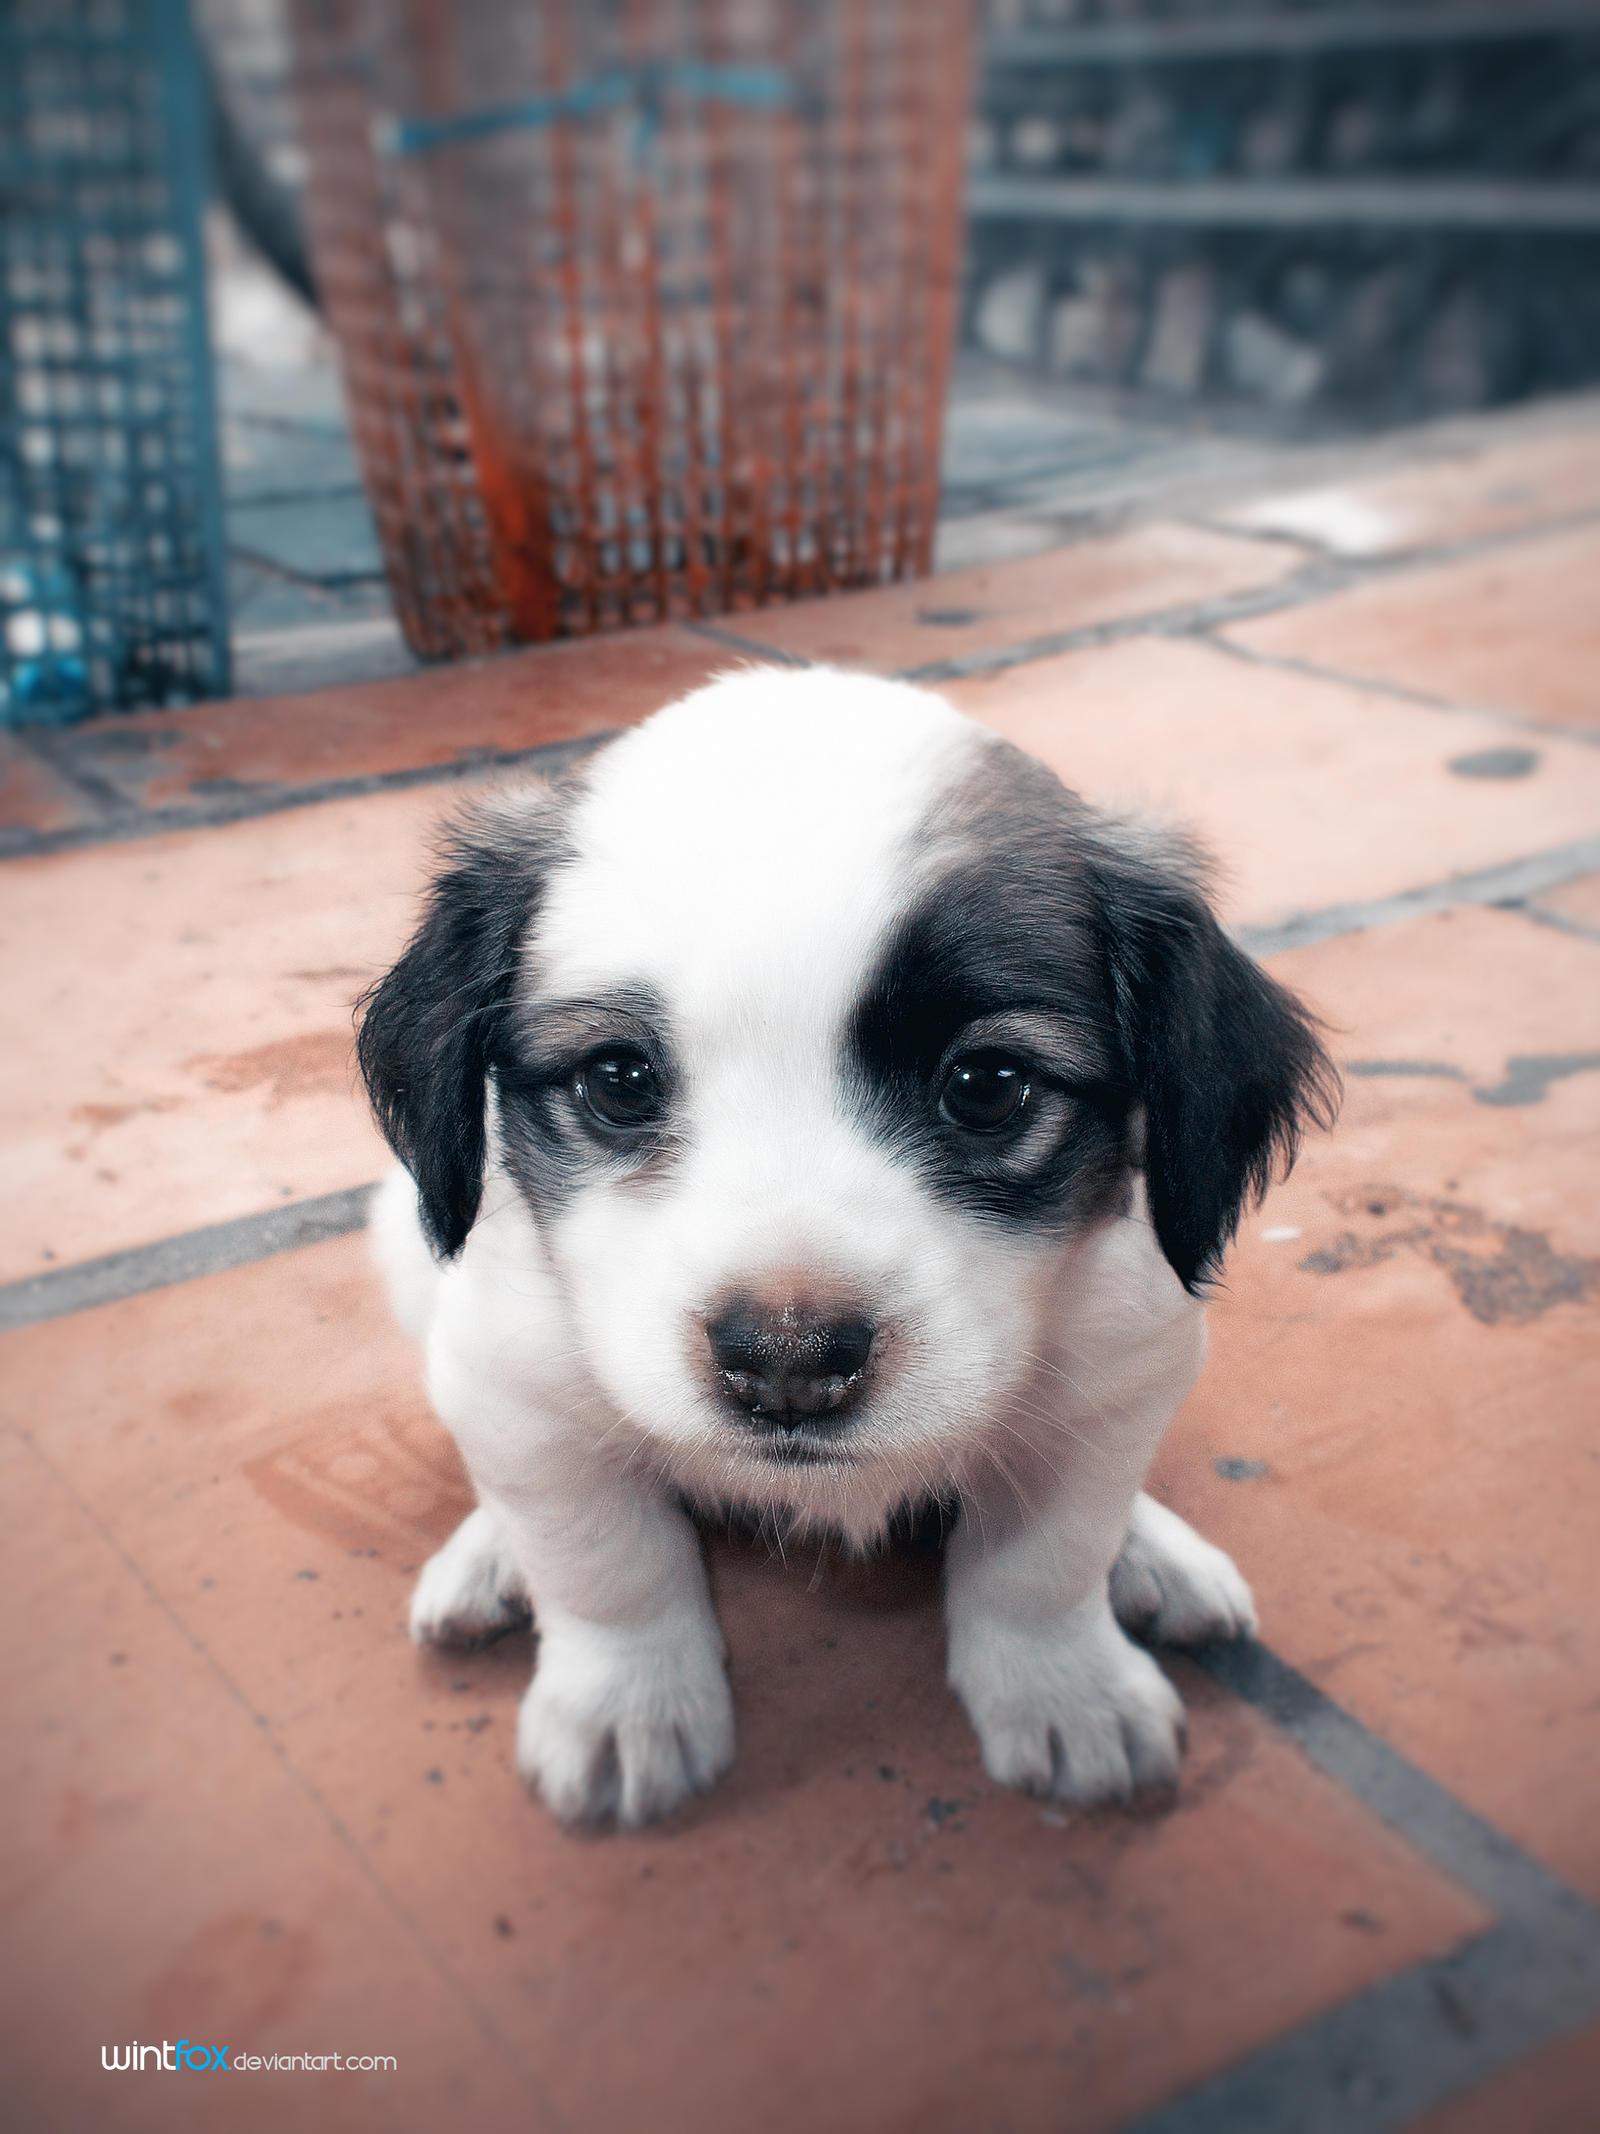 Puppy by Wintfox